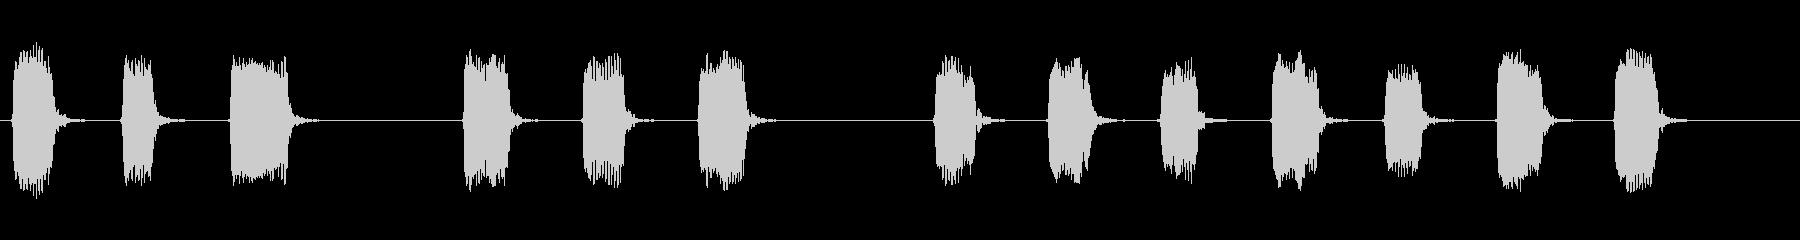 応援 大会 運動会  三三七拍子 笛のみの未再生の波形